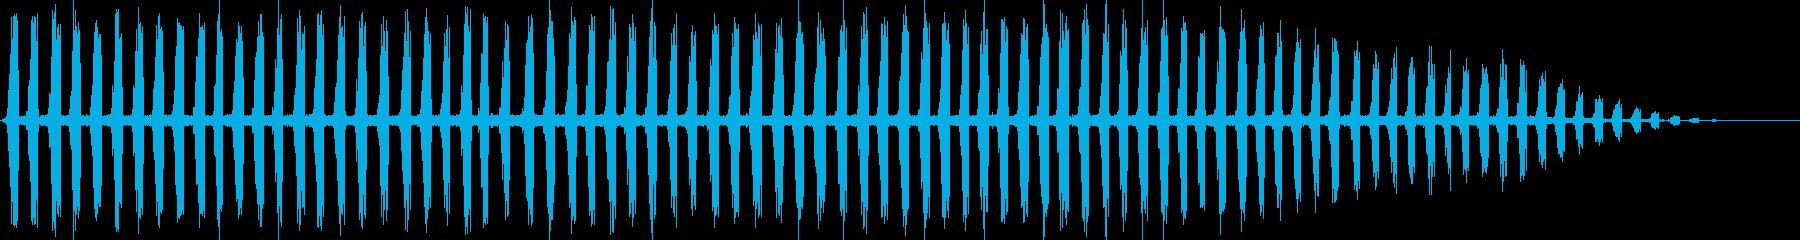 秋を思わせる虫の声をメインにした自然音の再生済みの波形